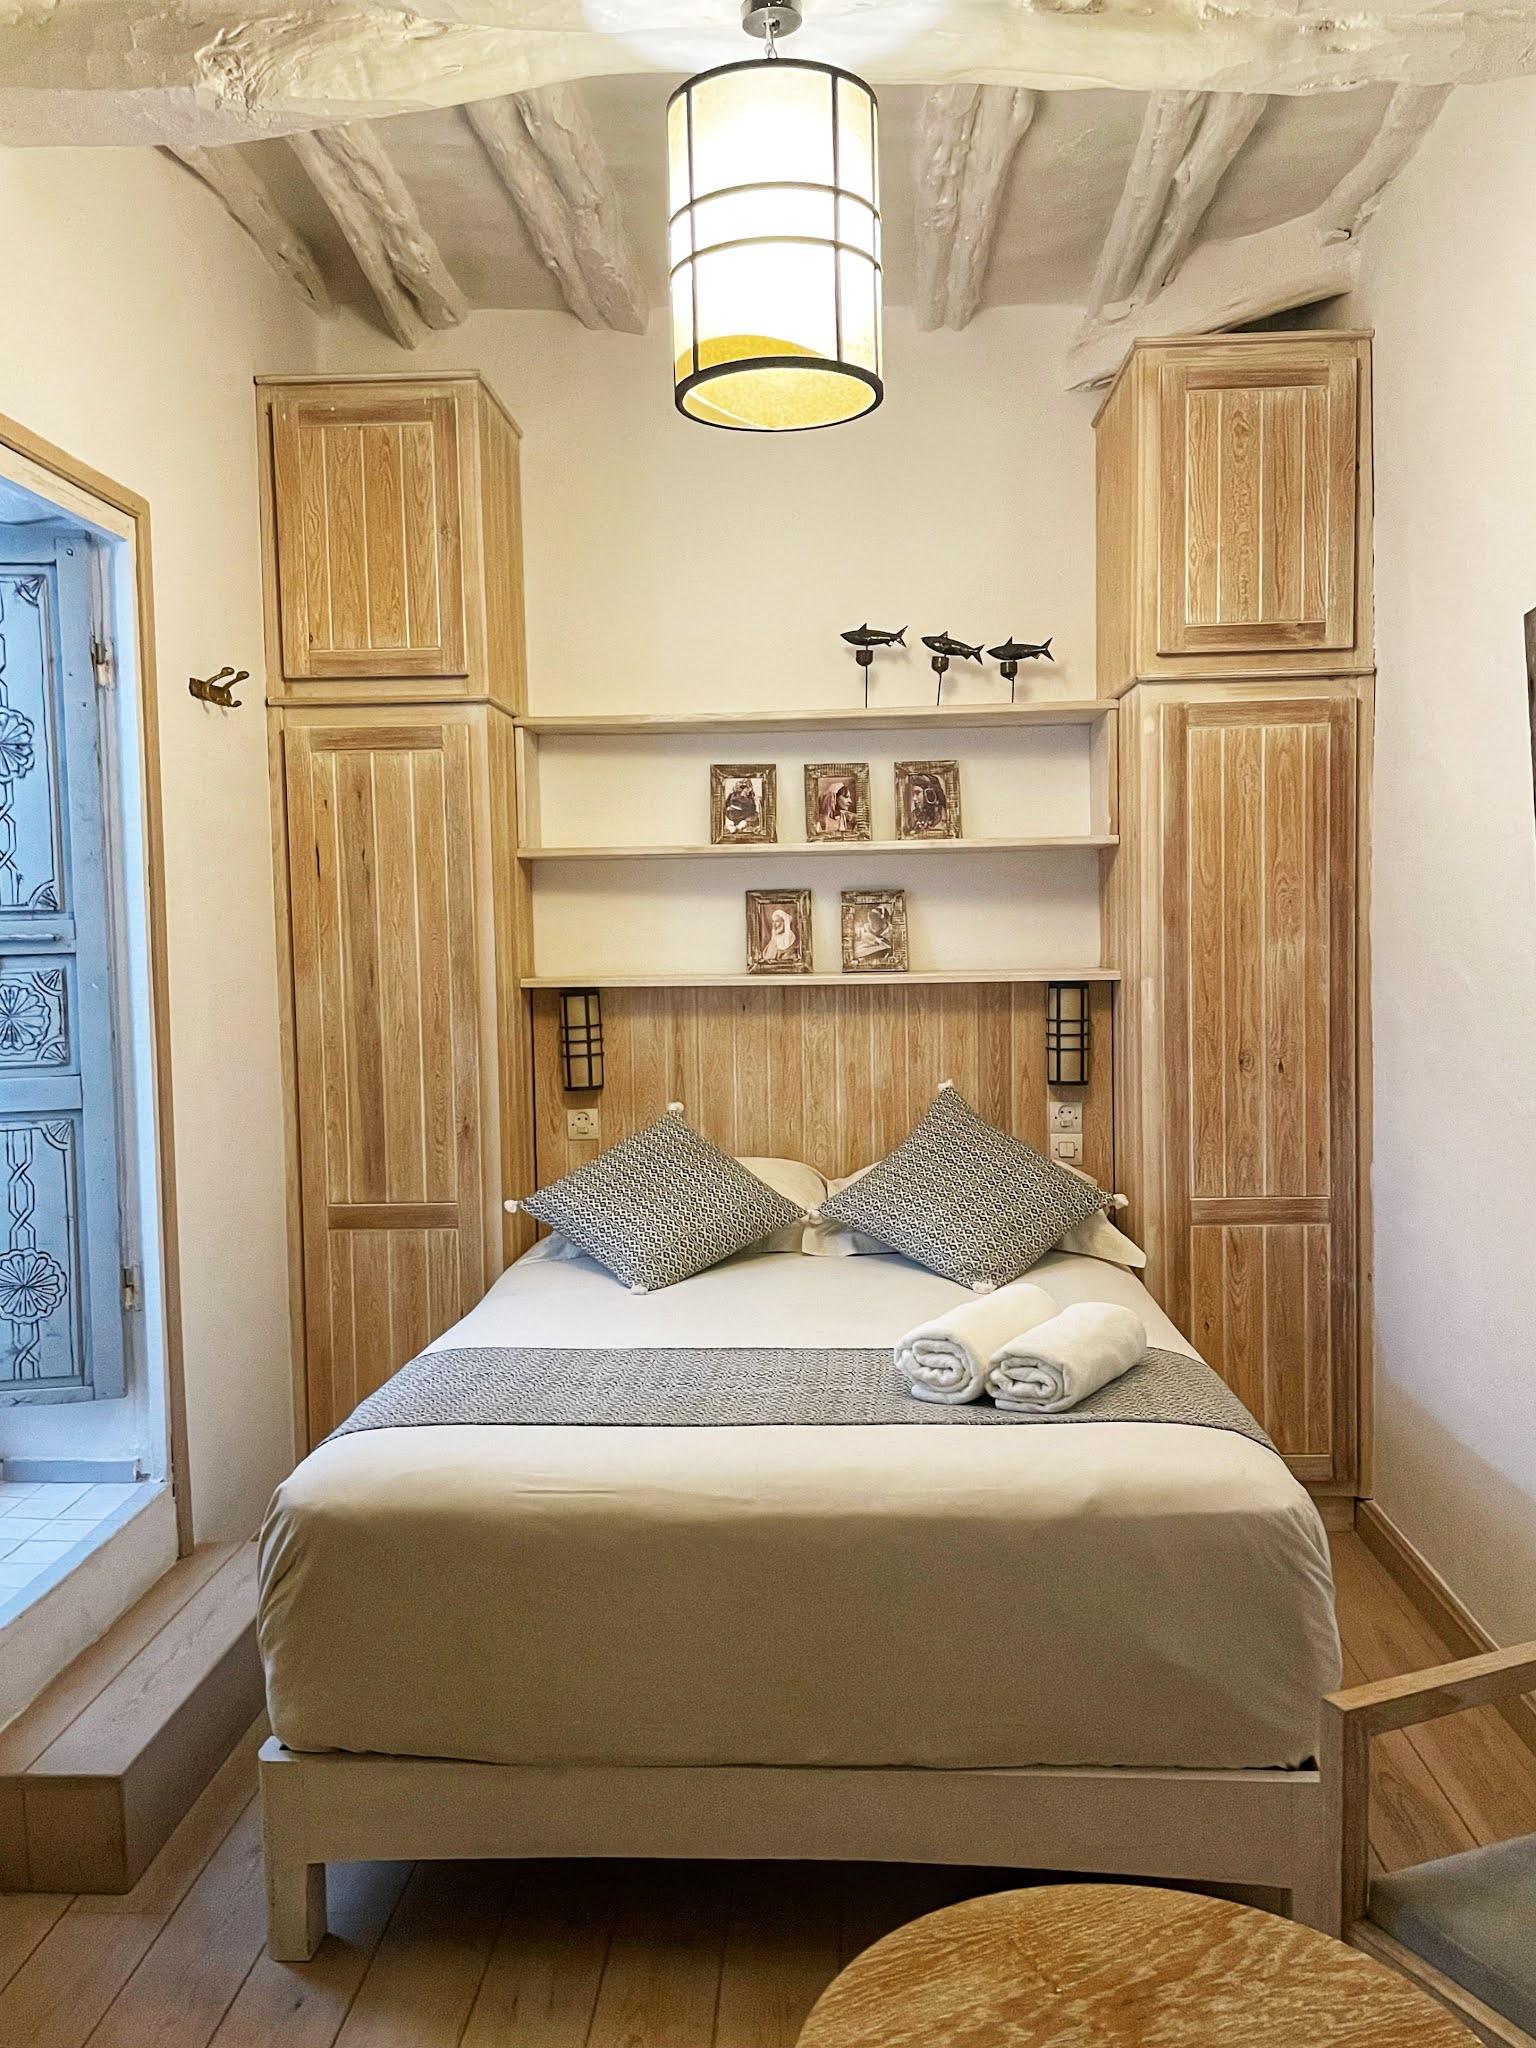 Villa Garance room